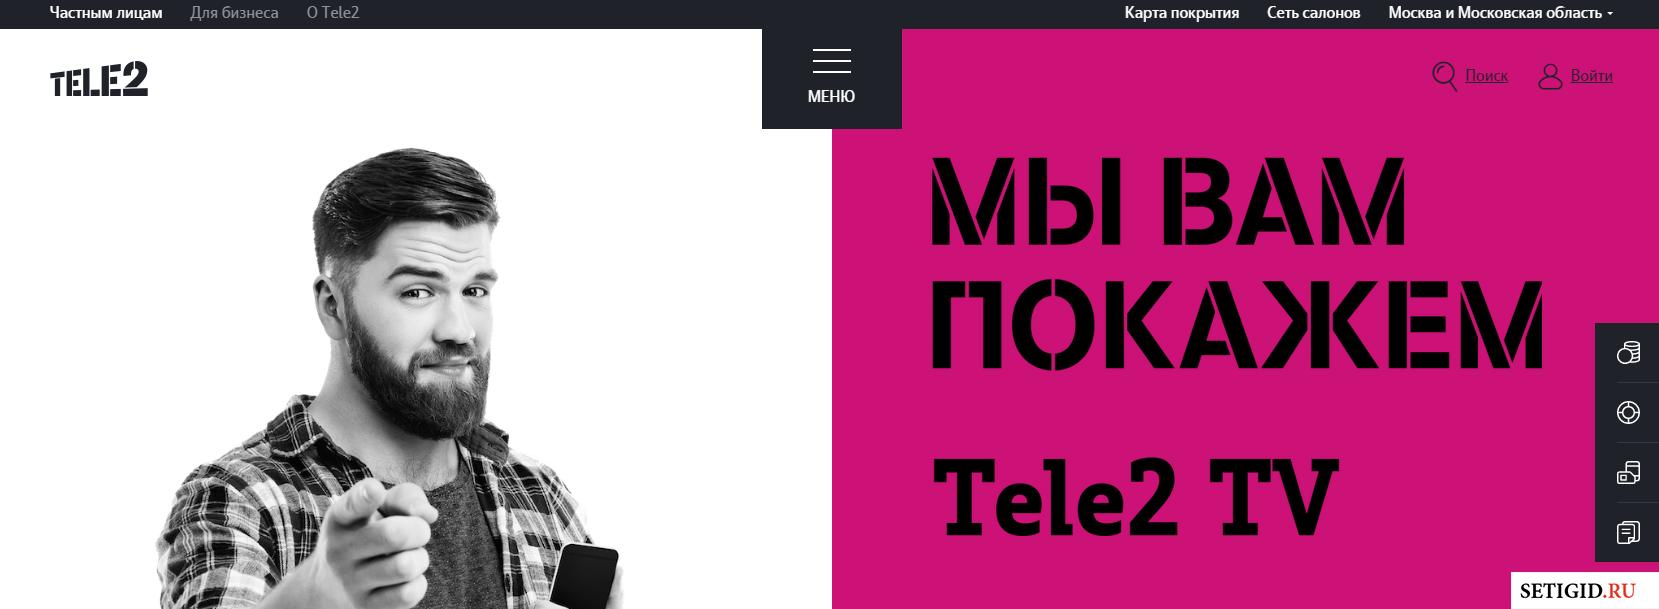 Официальный сайт теле2